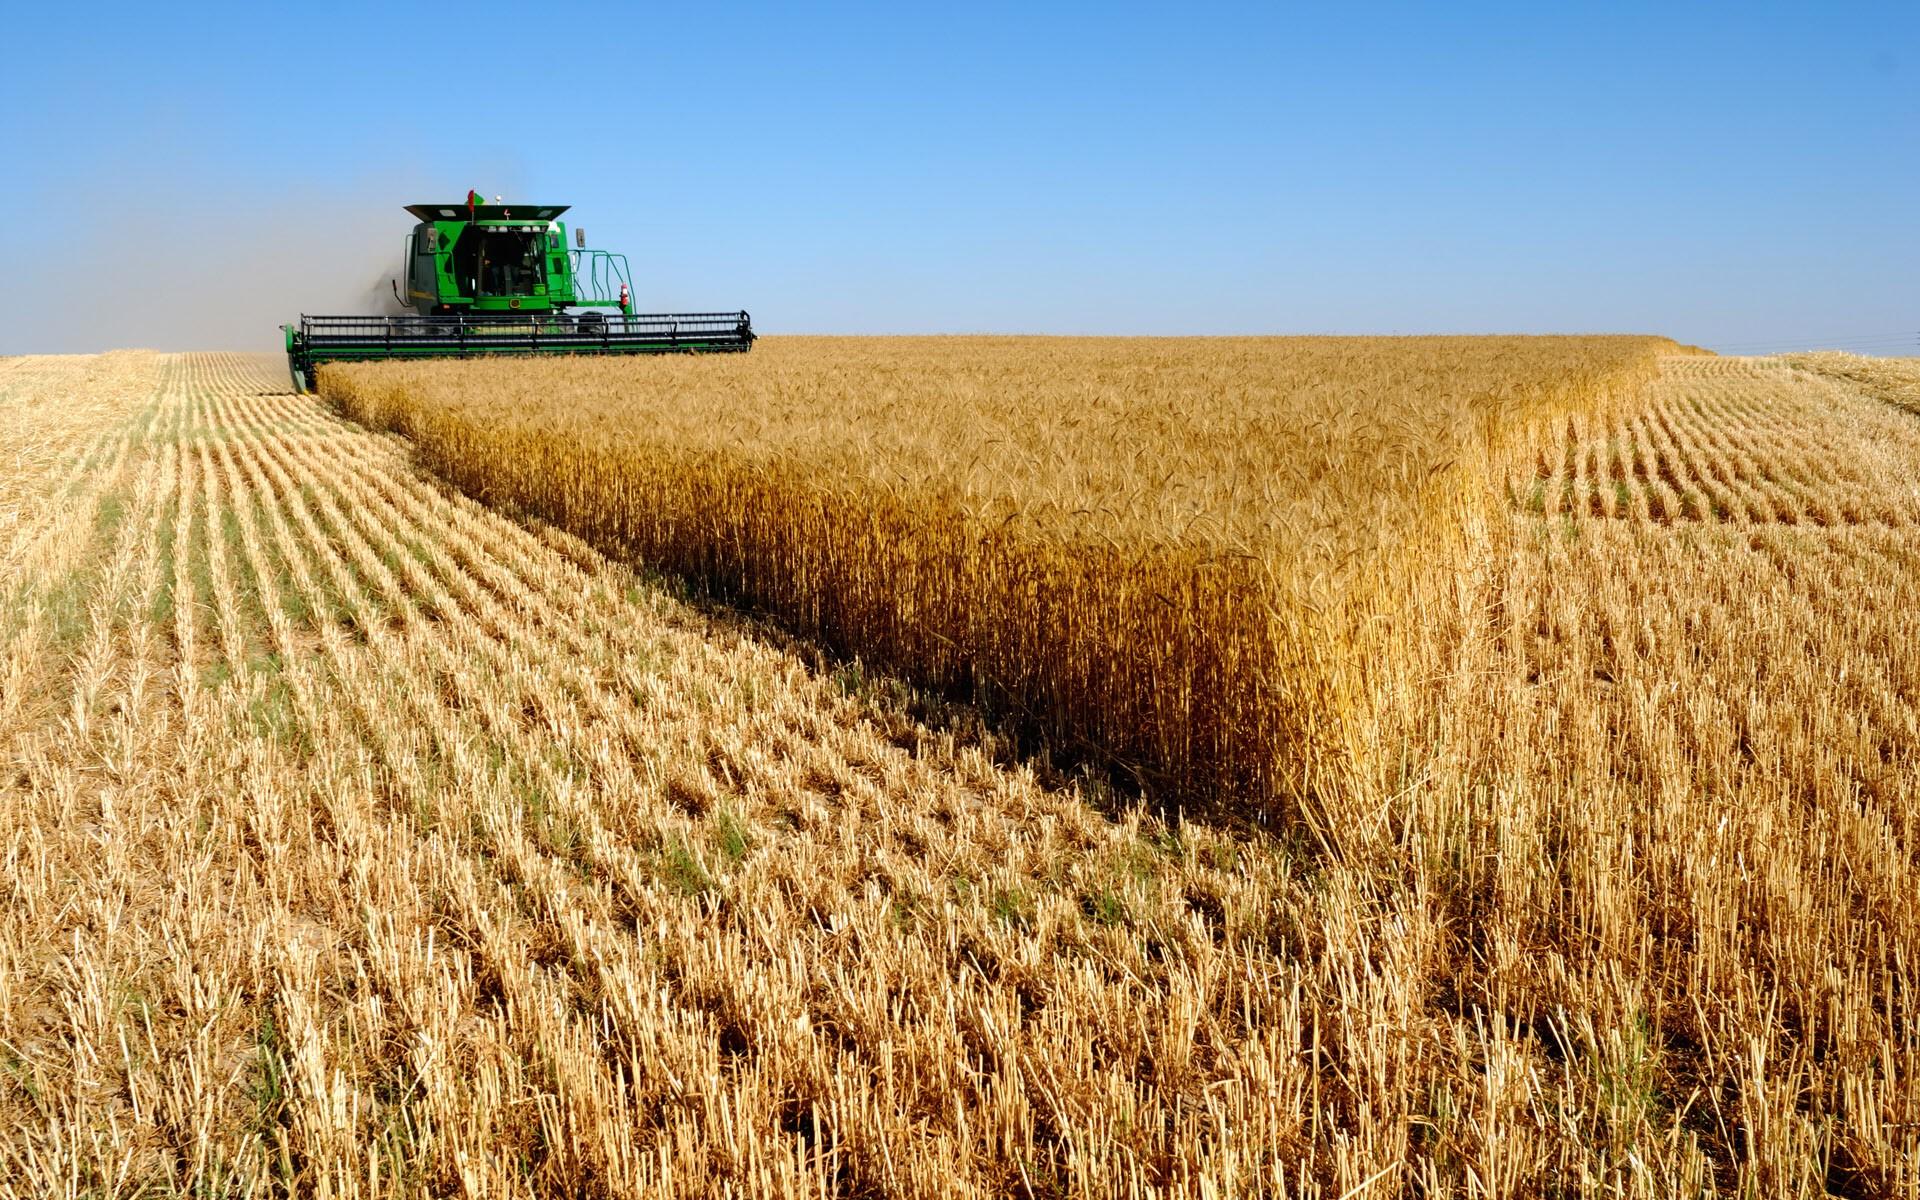 Logística deficitária desafia expansão do agronegócio sul-americano